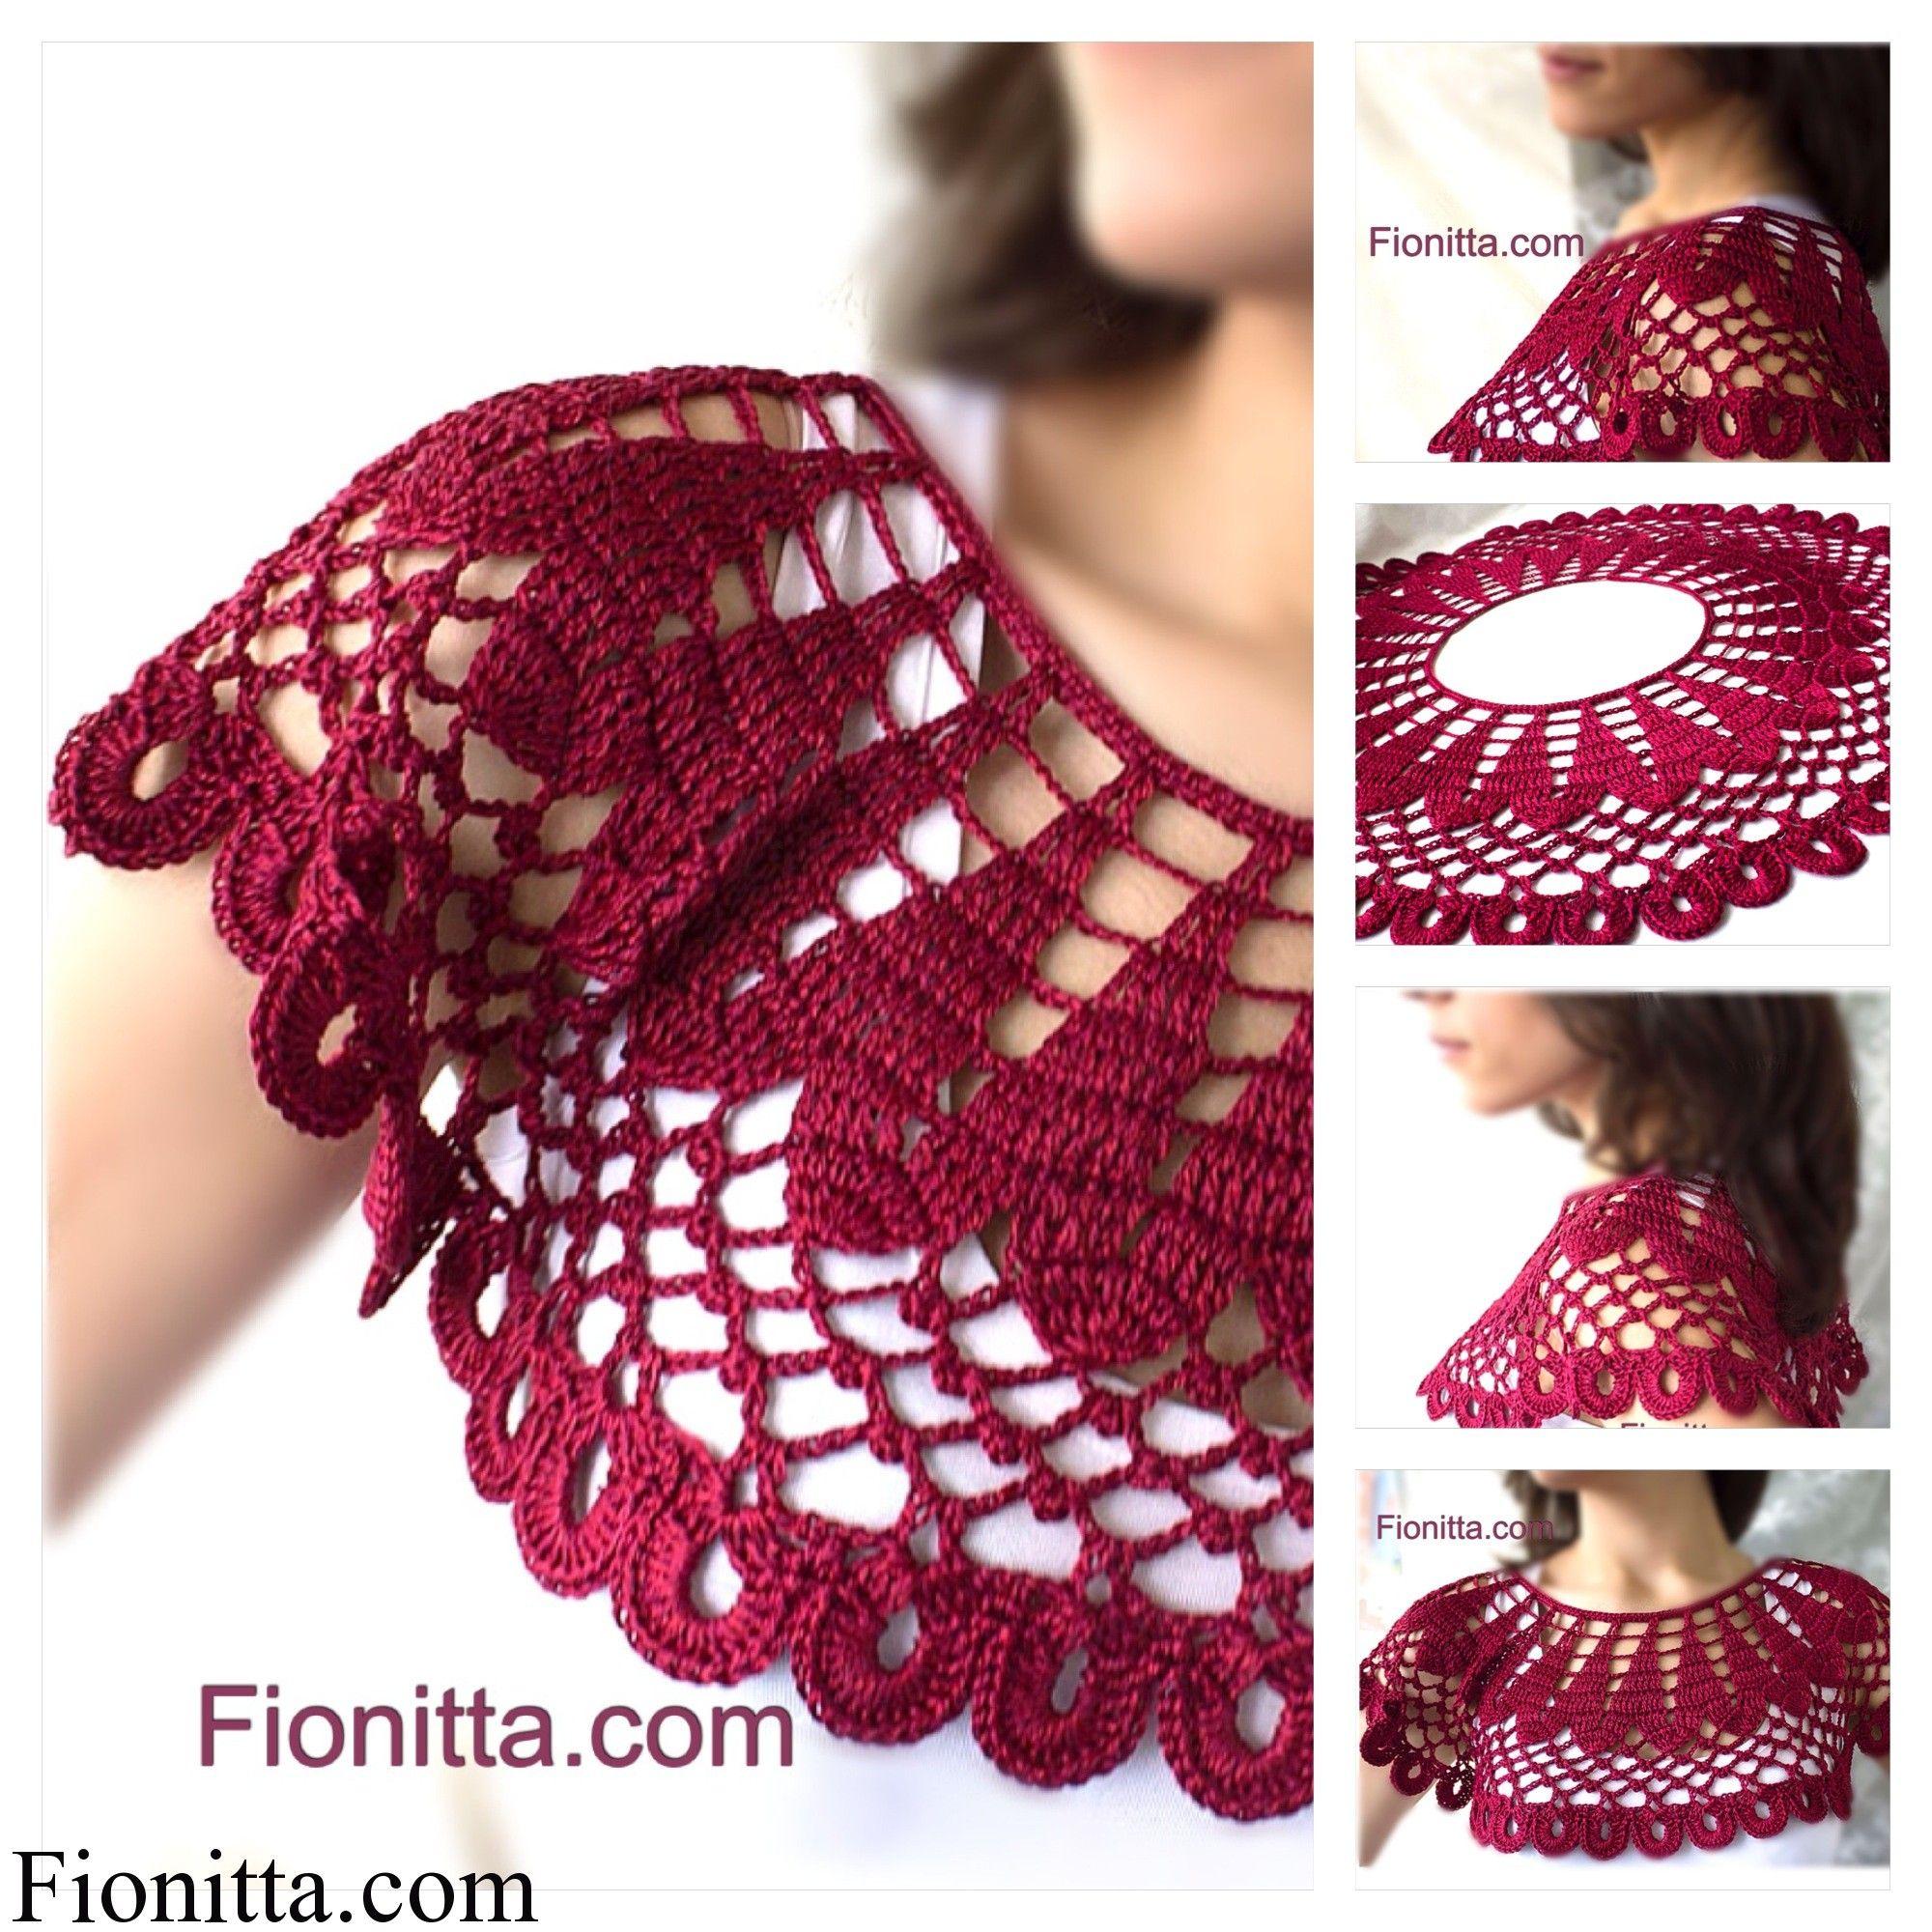 Crochet collare cherry | | Patrones | Pinterest | Tejido, Ponchos y ...